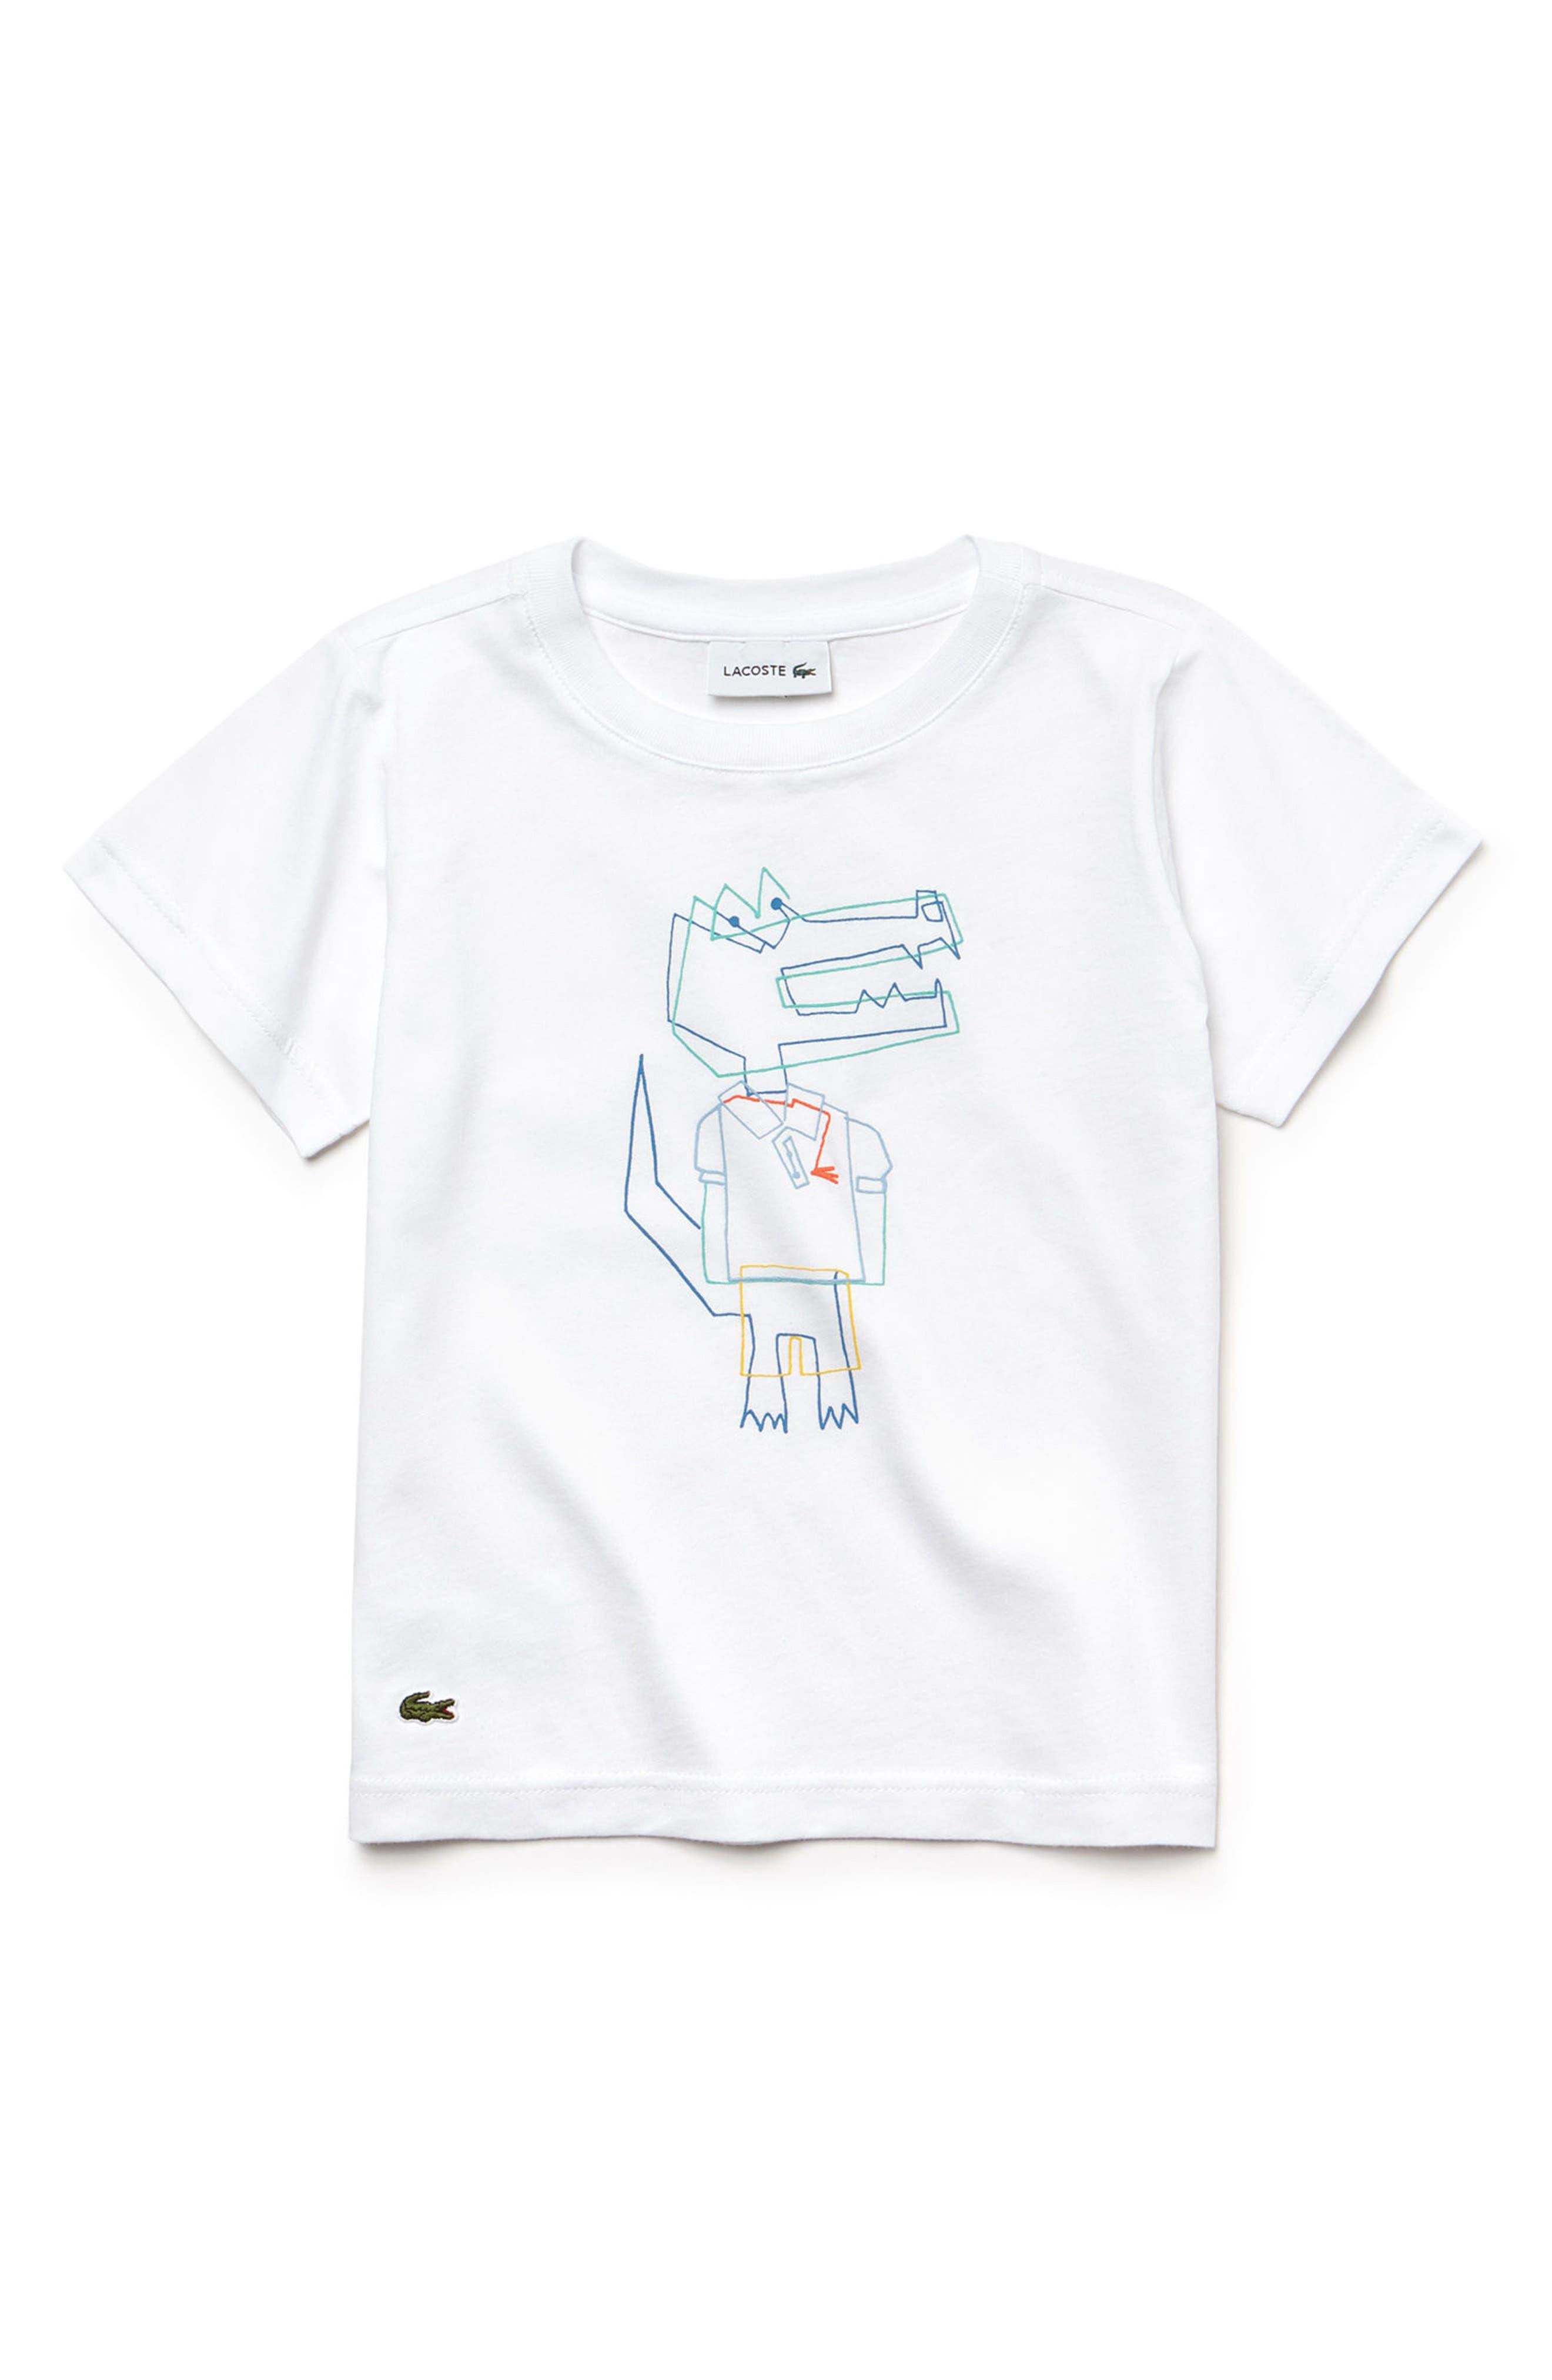 LACOSTE Crocoline Graphic T-Shirt, Main, color, 174